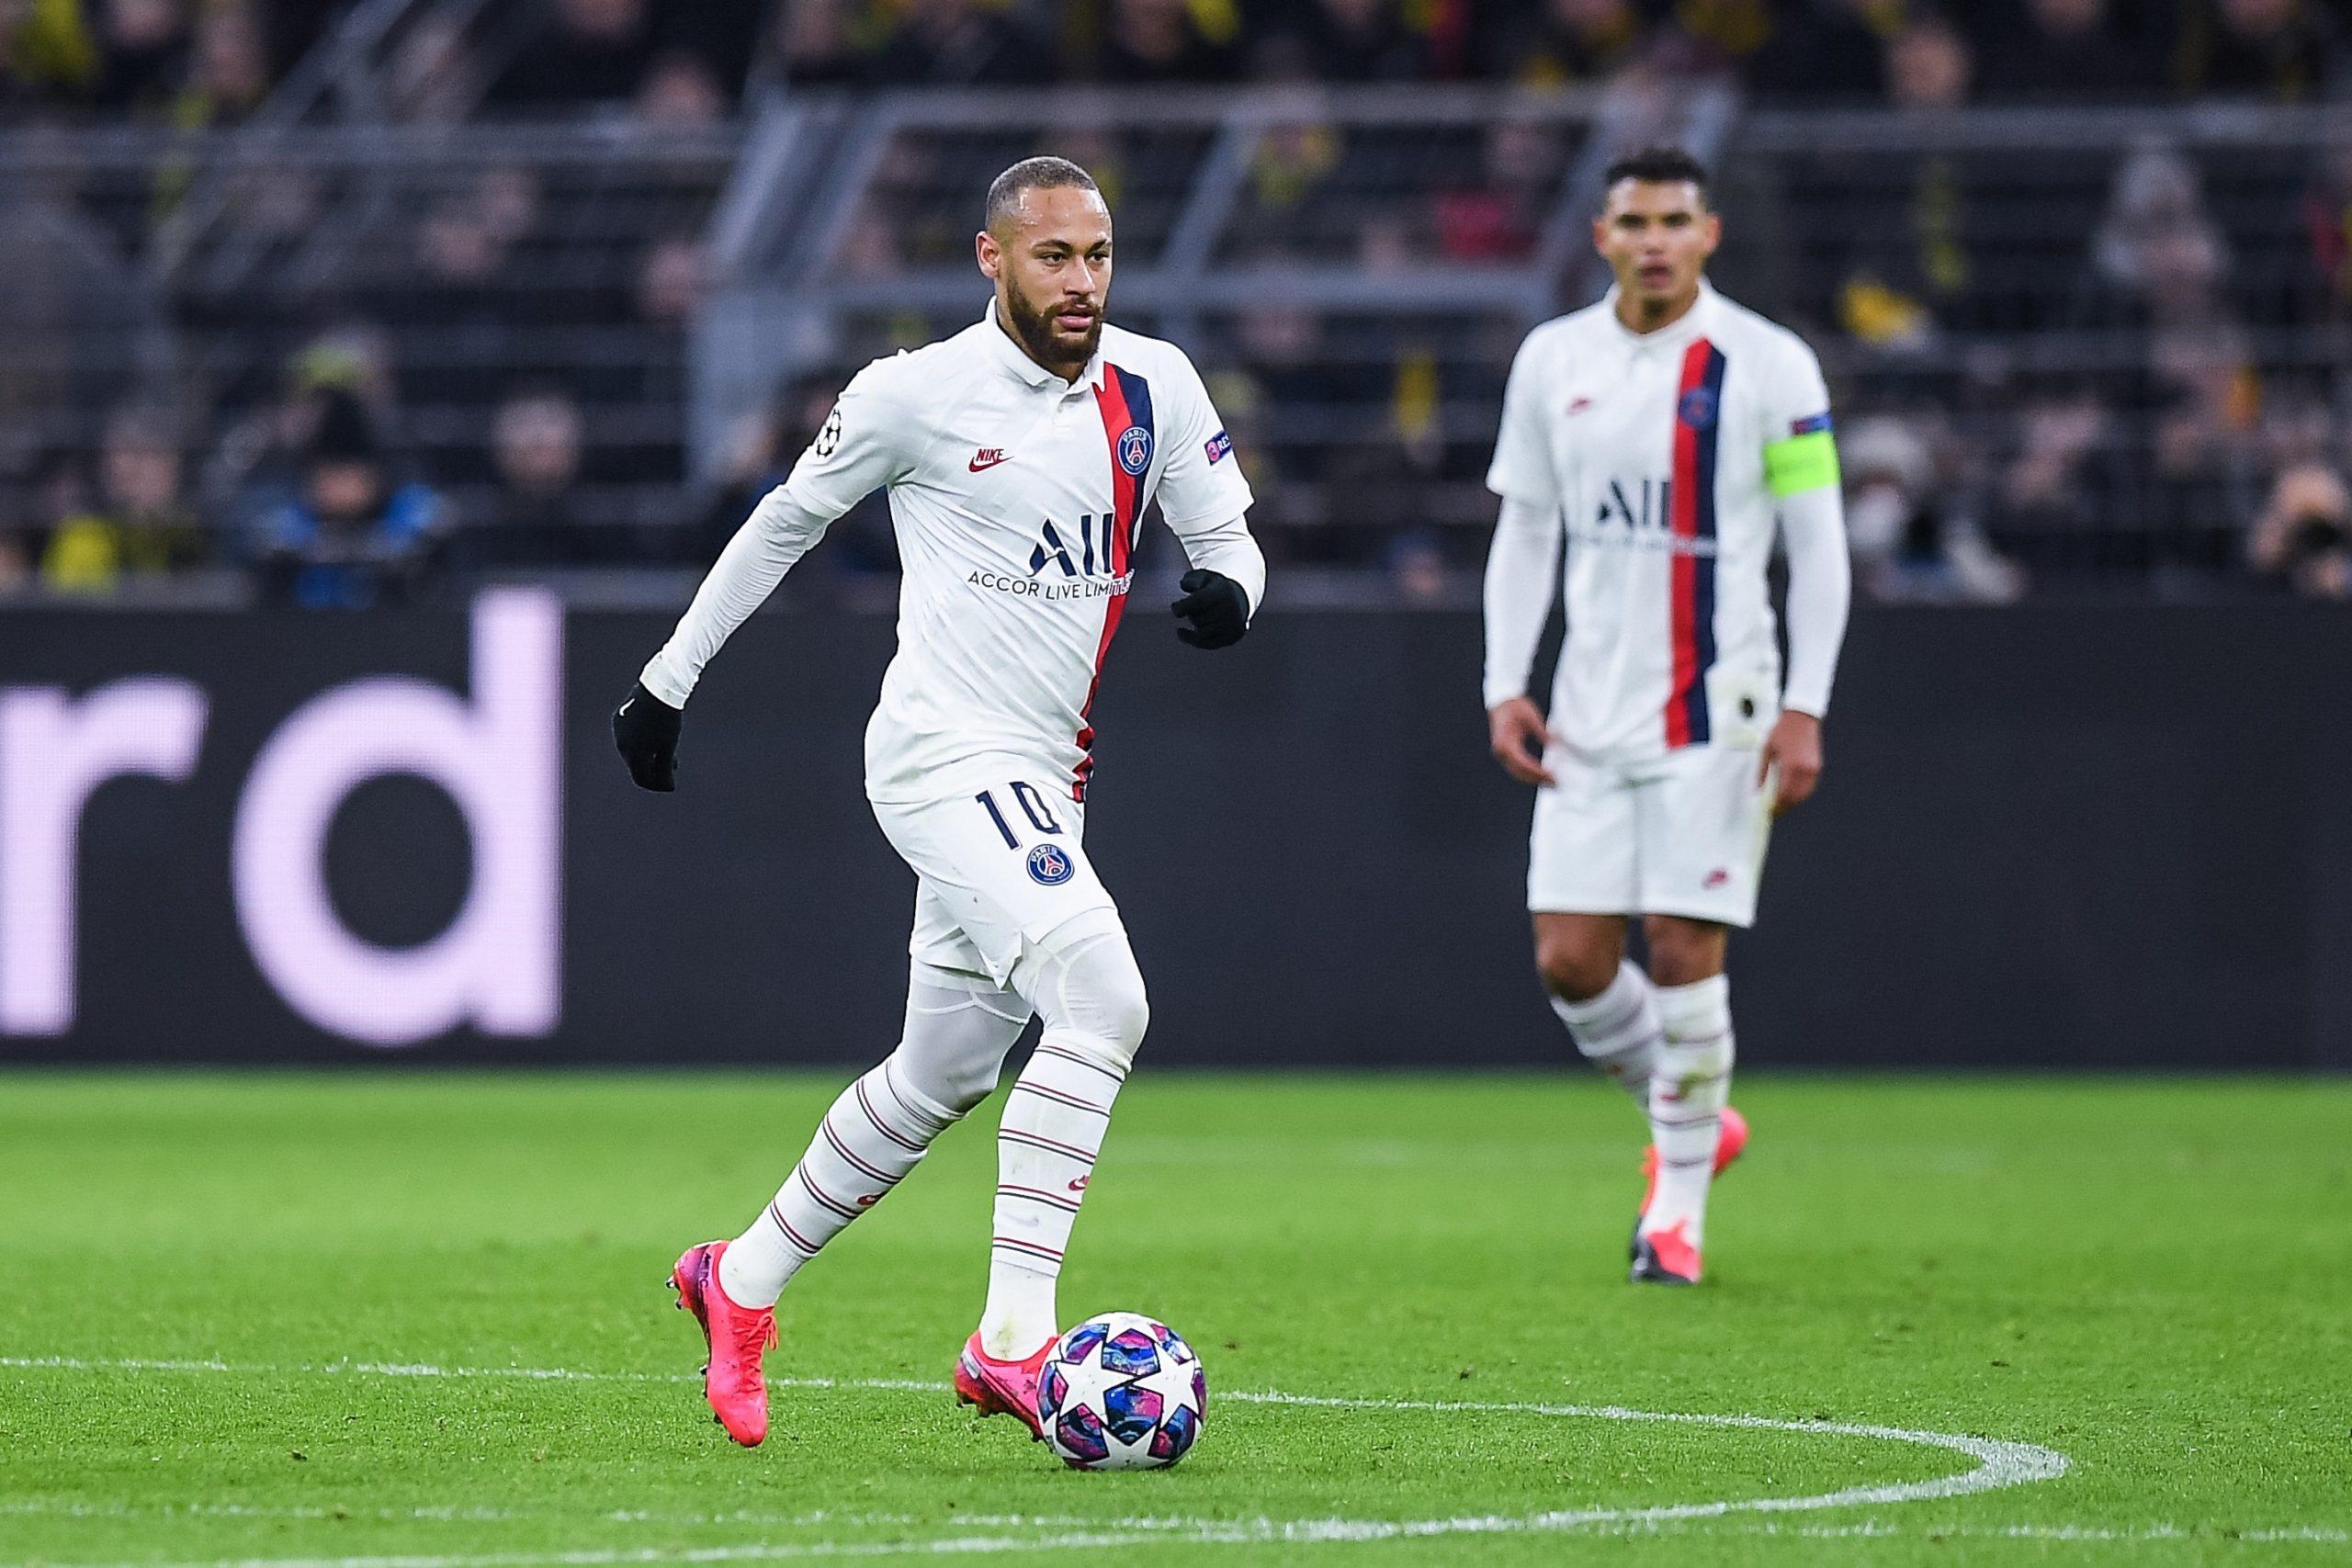 Le PSG s'inquiète pour les retours de Thiago Silva et Neymar, indique RMC Sport